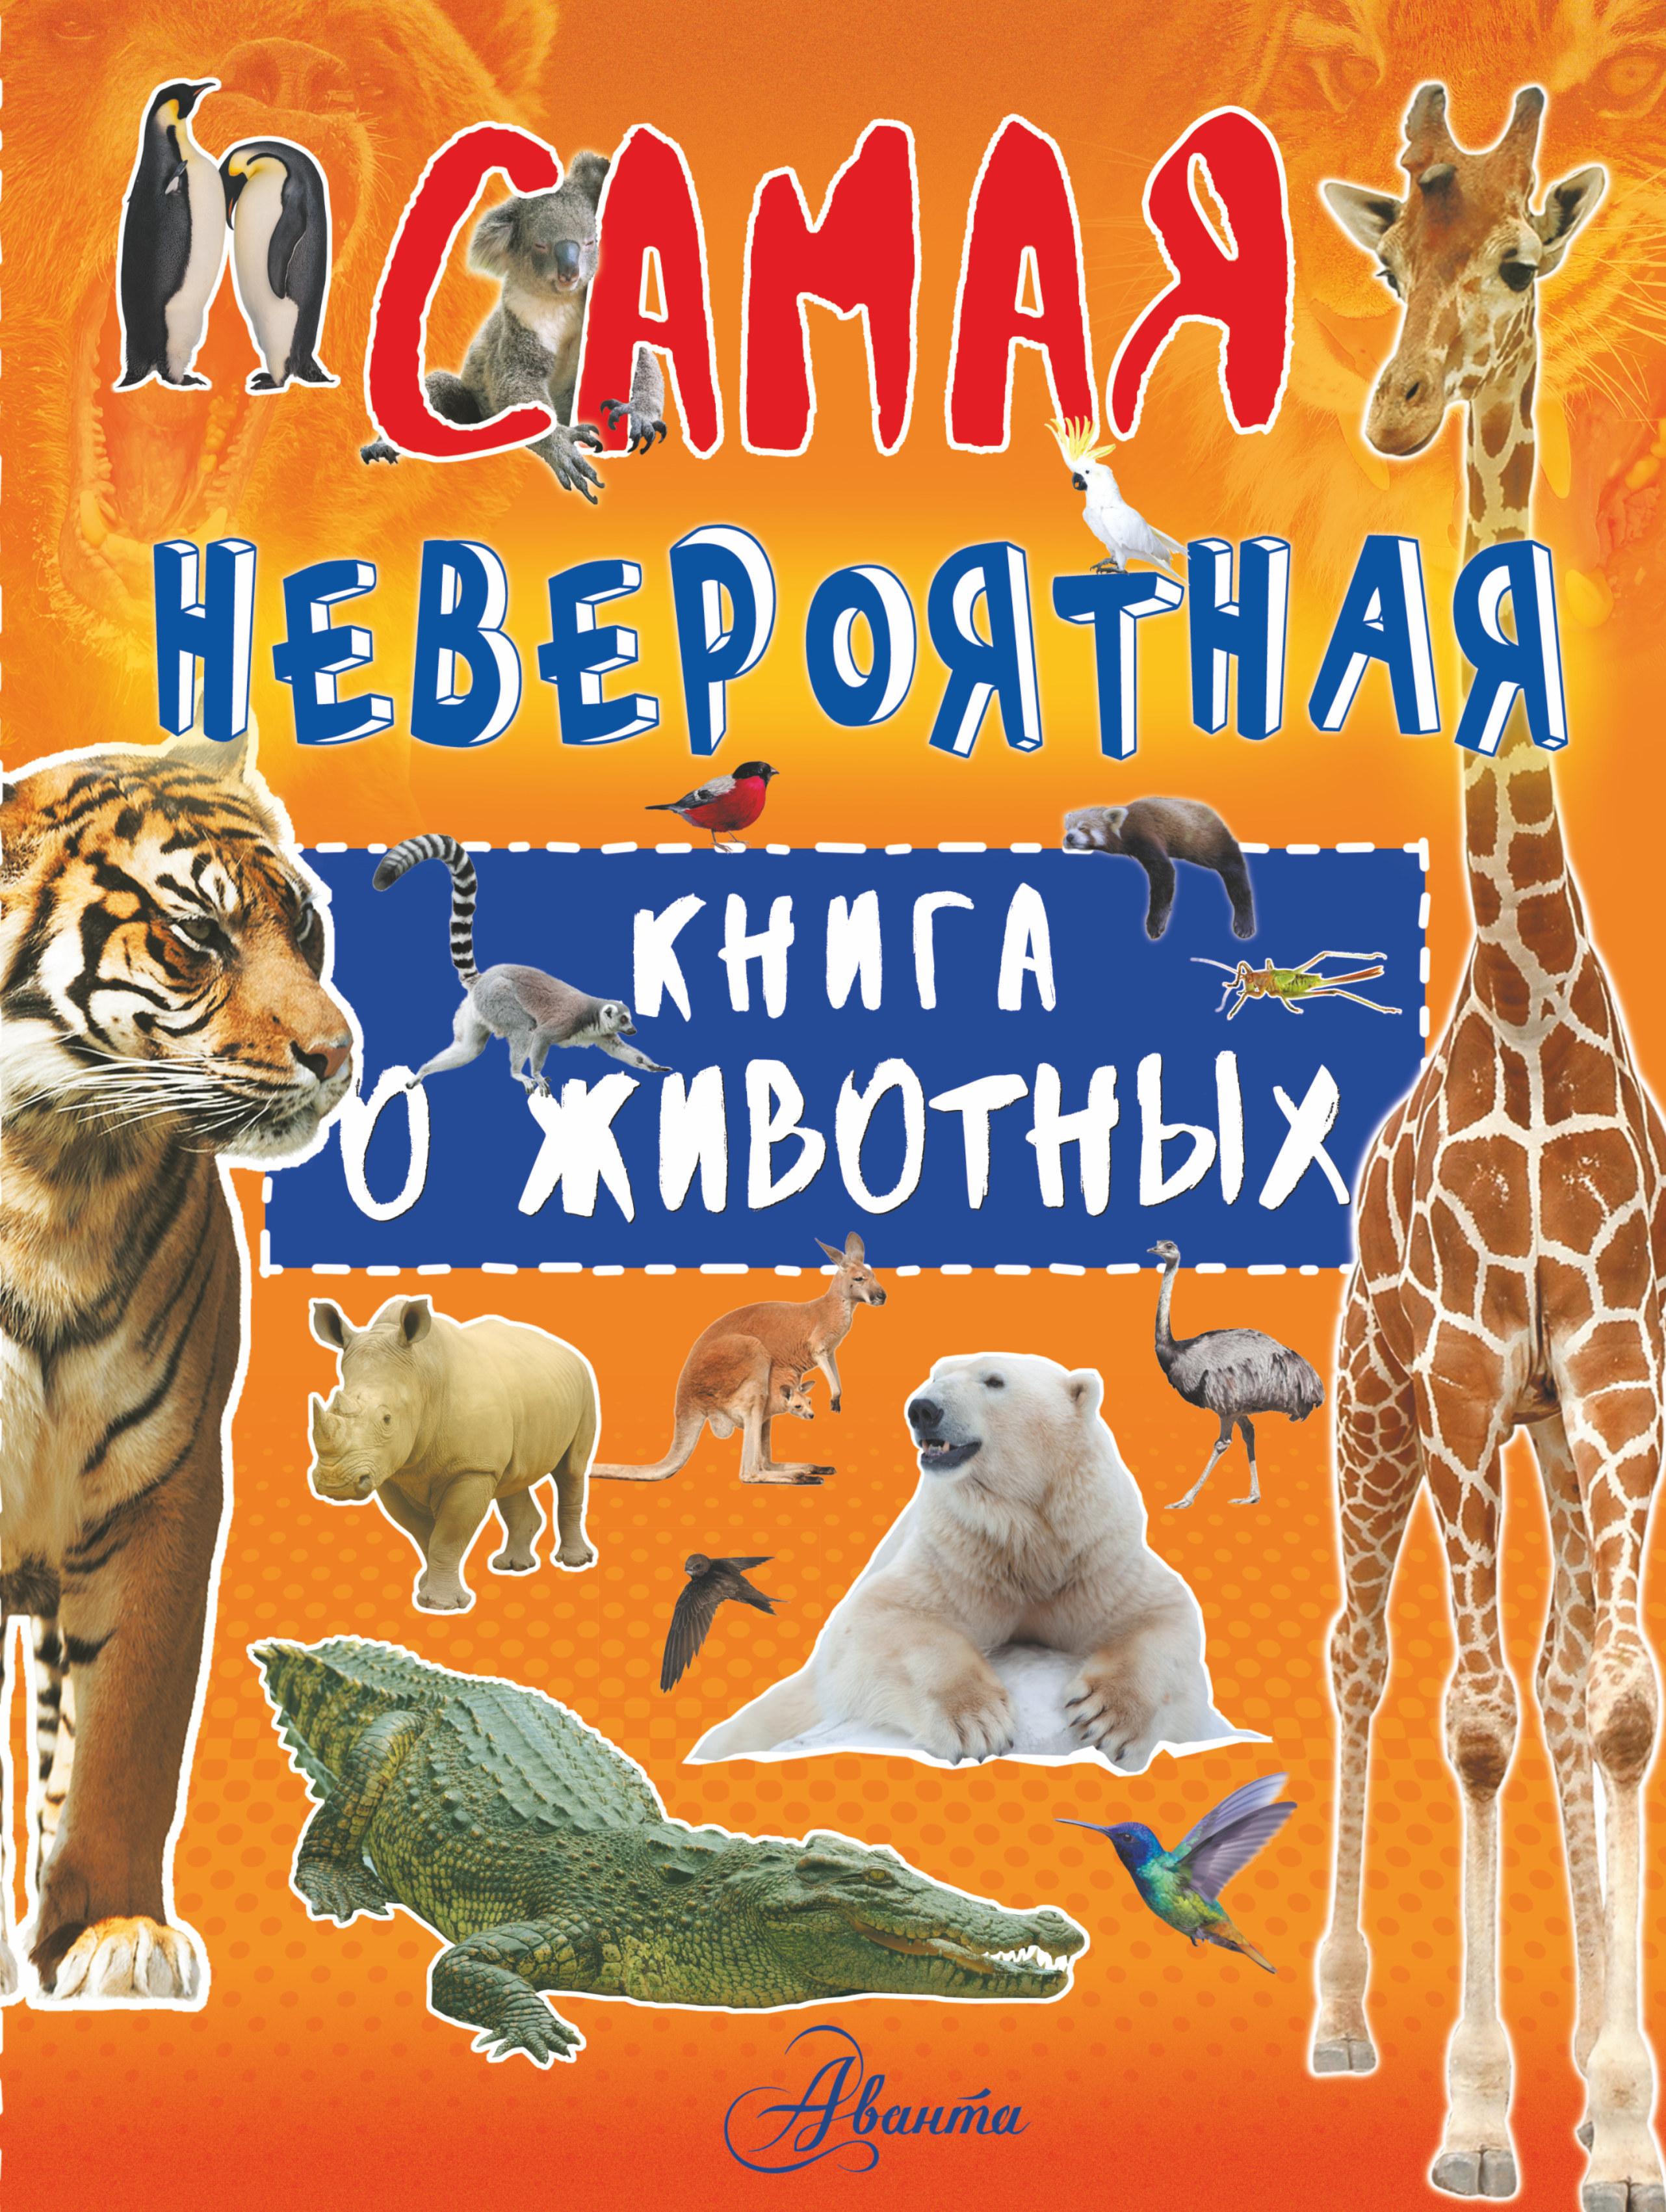 Фото - Л. Вайткене Невероятная книга о животных л вайткене невероятная книга о животных